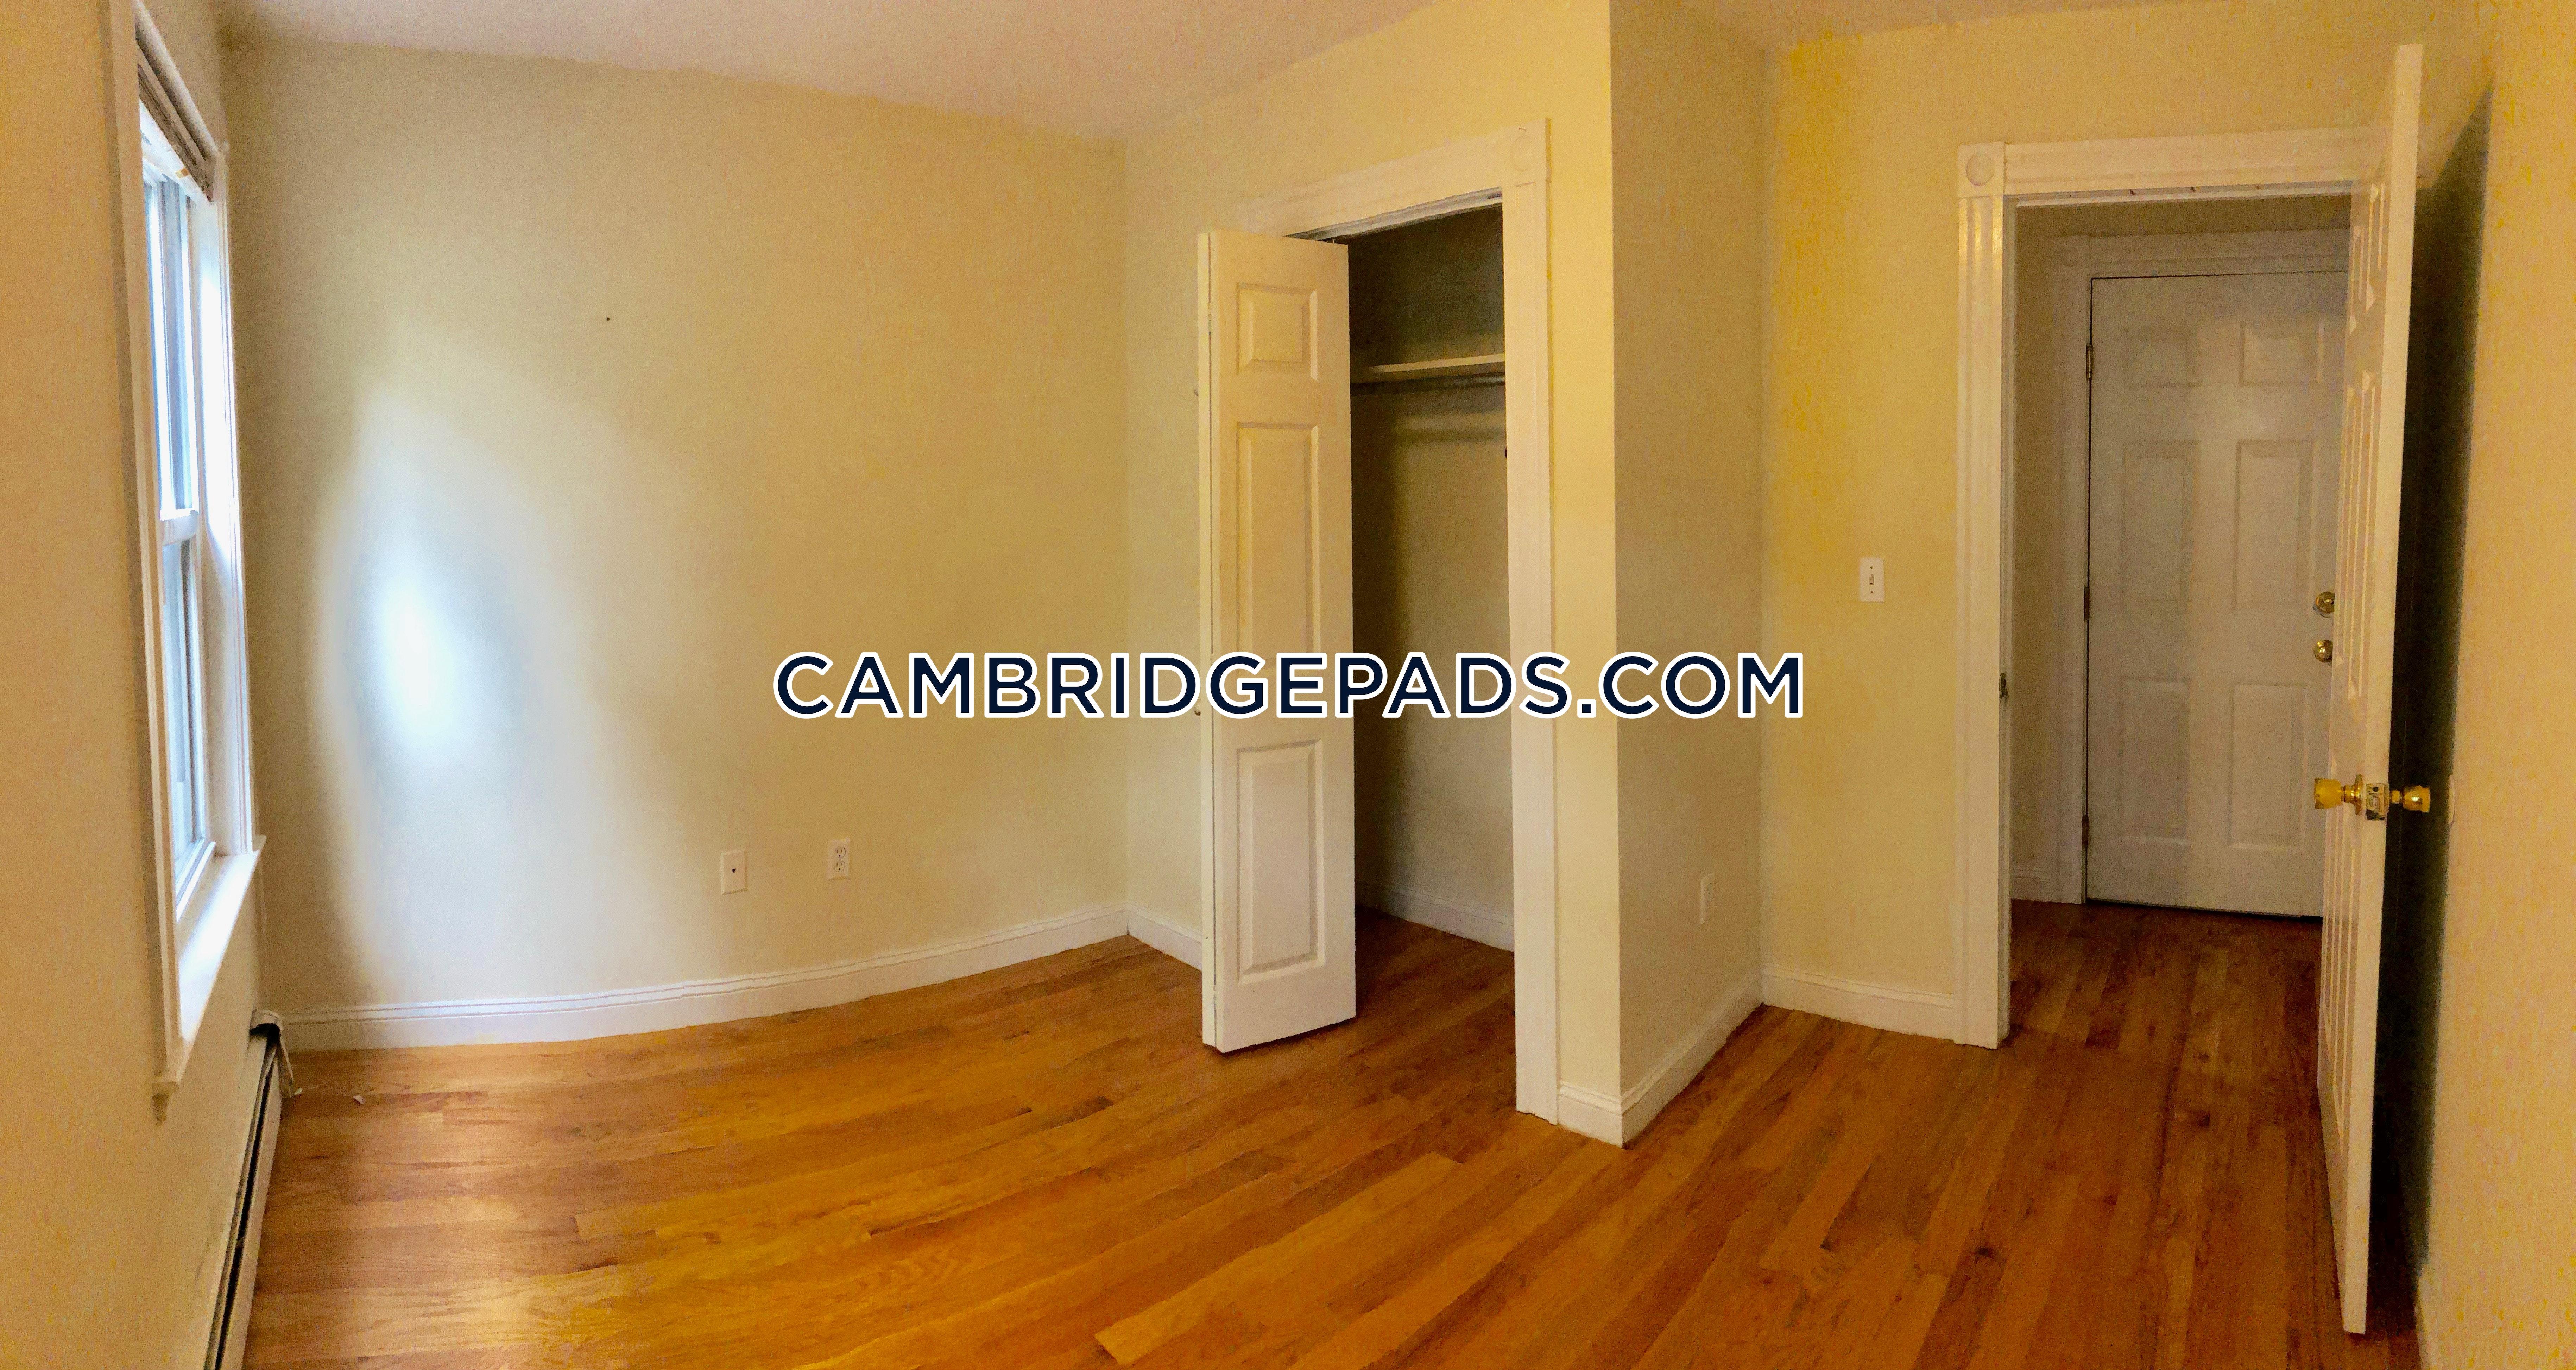 CAMBRIDGE - HARVARD SQUARE - $2,950